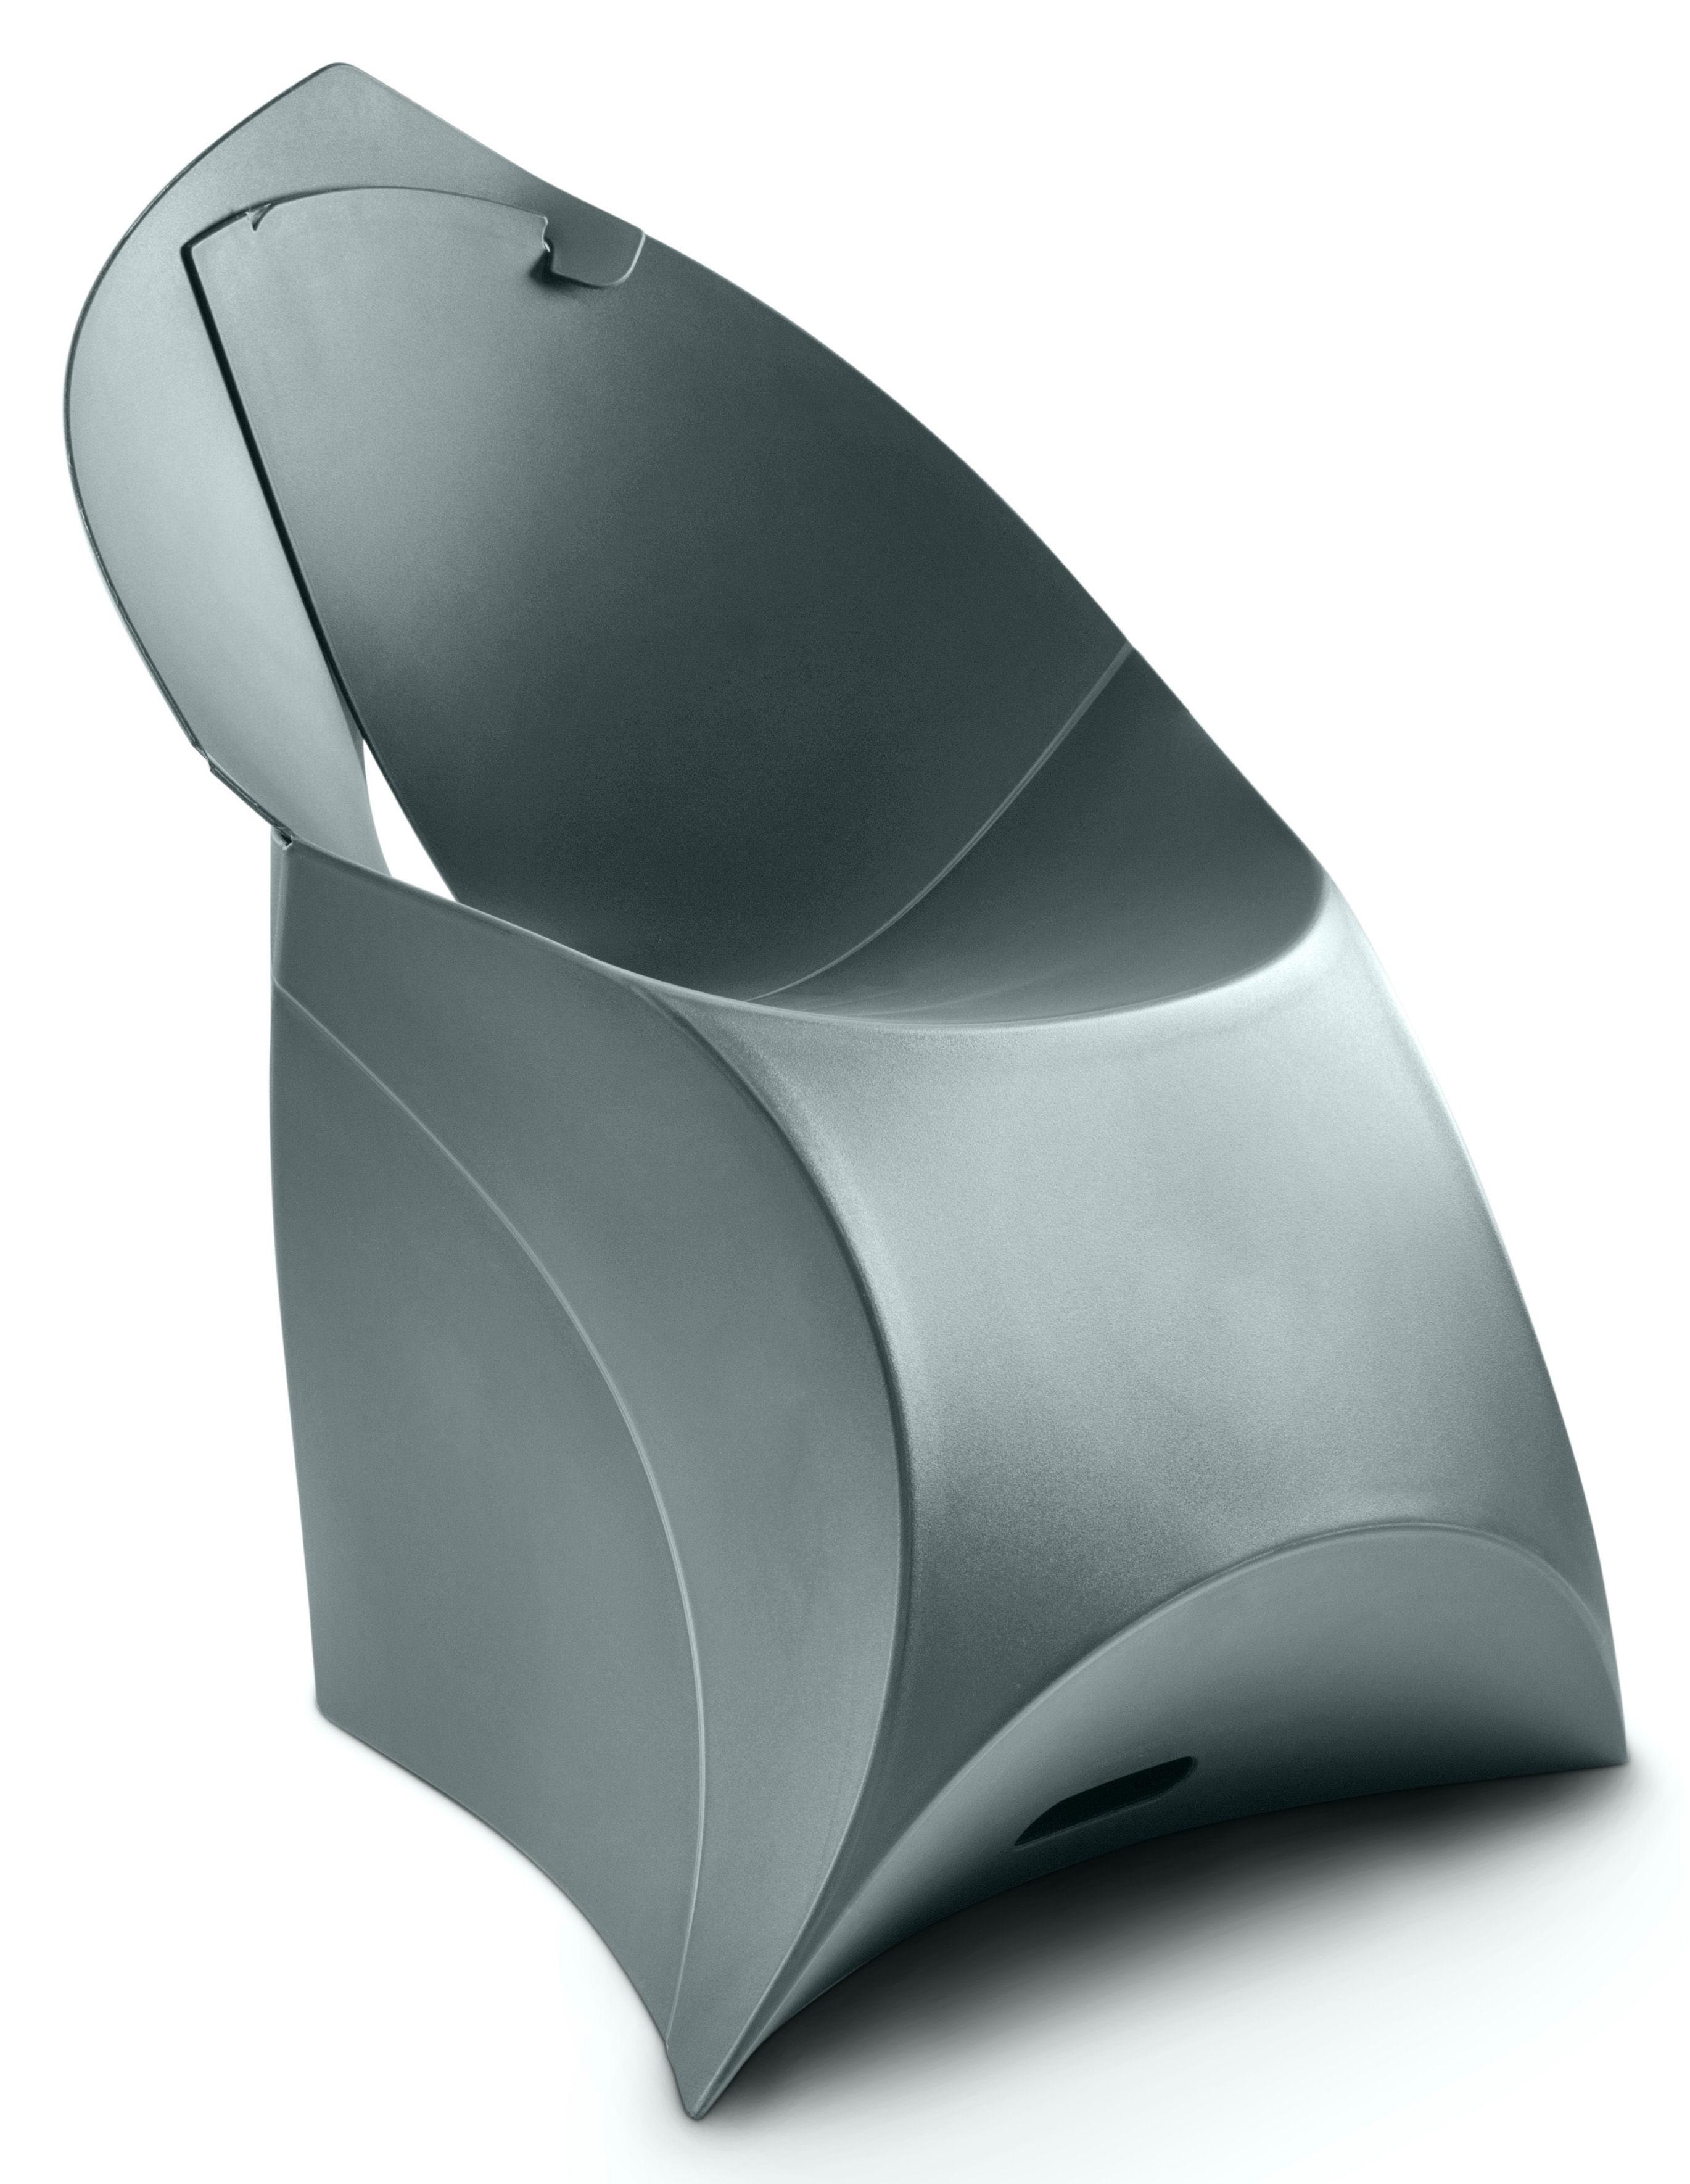 Mobilier - Mobilier Kids - Fauteuil enfant Flux Chair / Pliable - Flux - Gris anthracite - Polypropylène